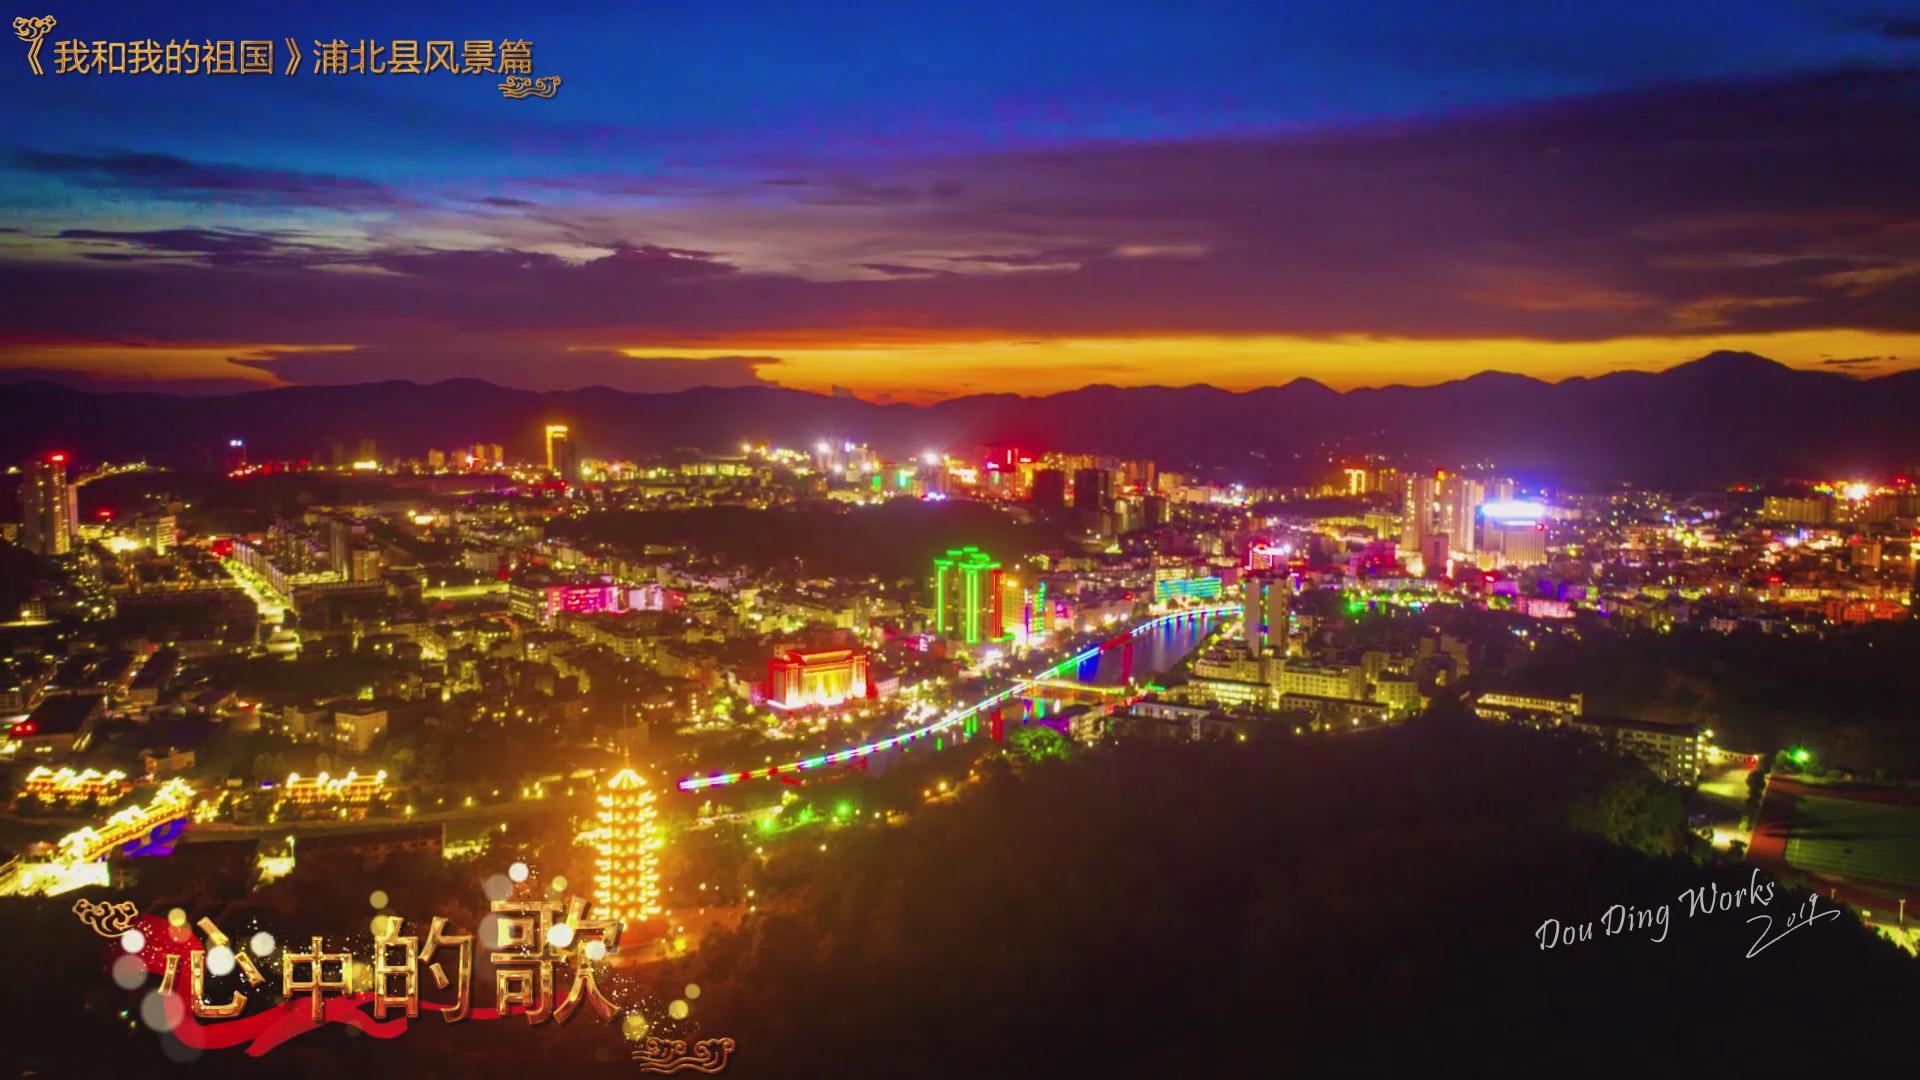 《我和我的祖国》浦北县风景篇16.jpg